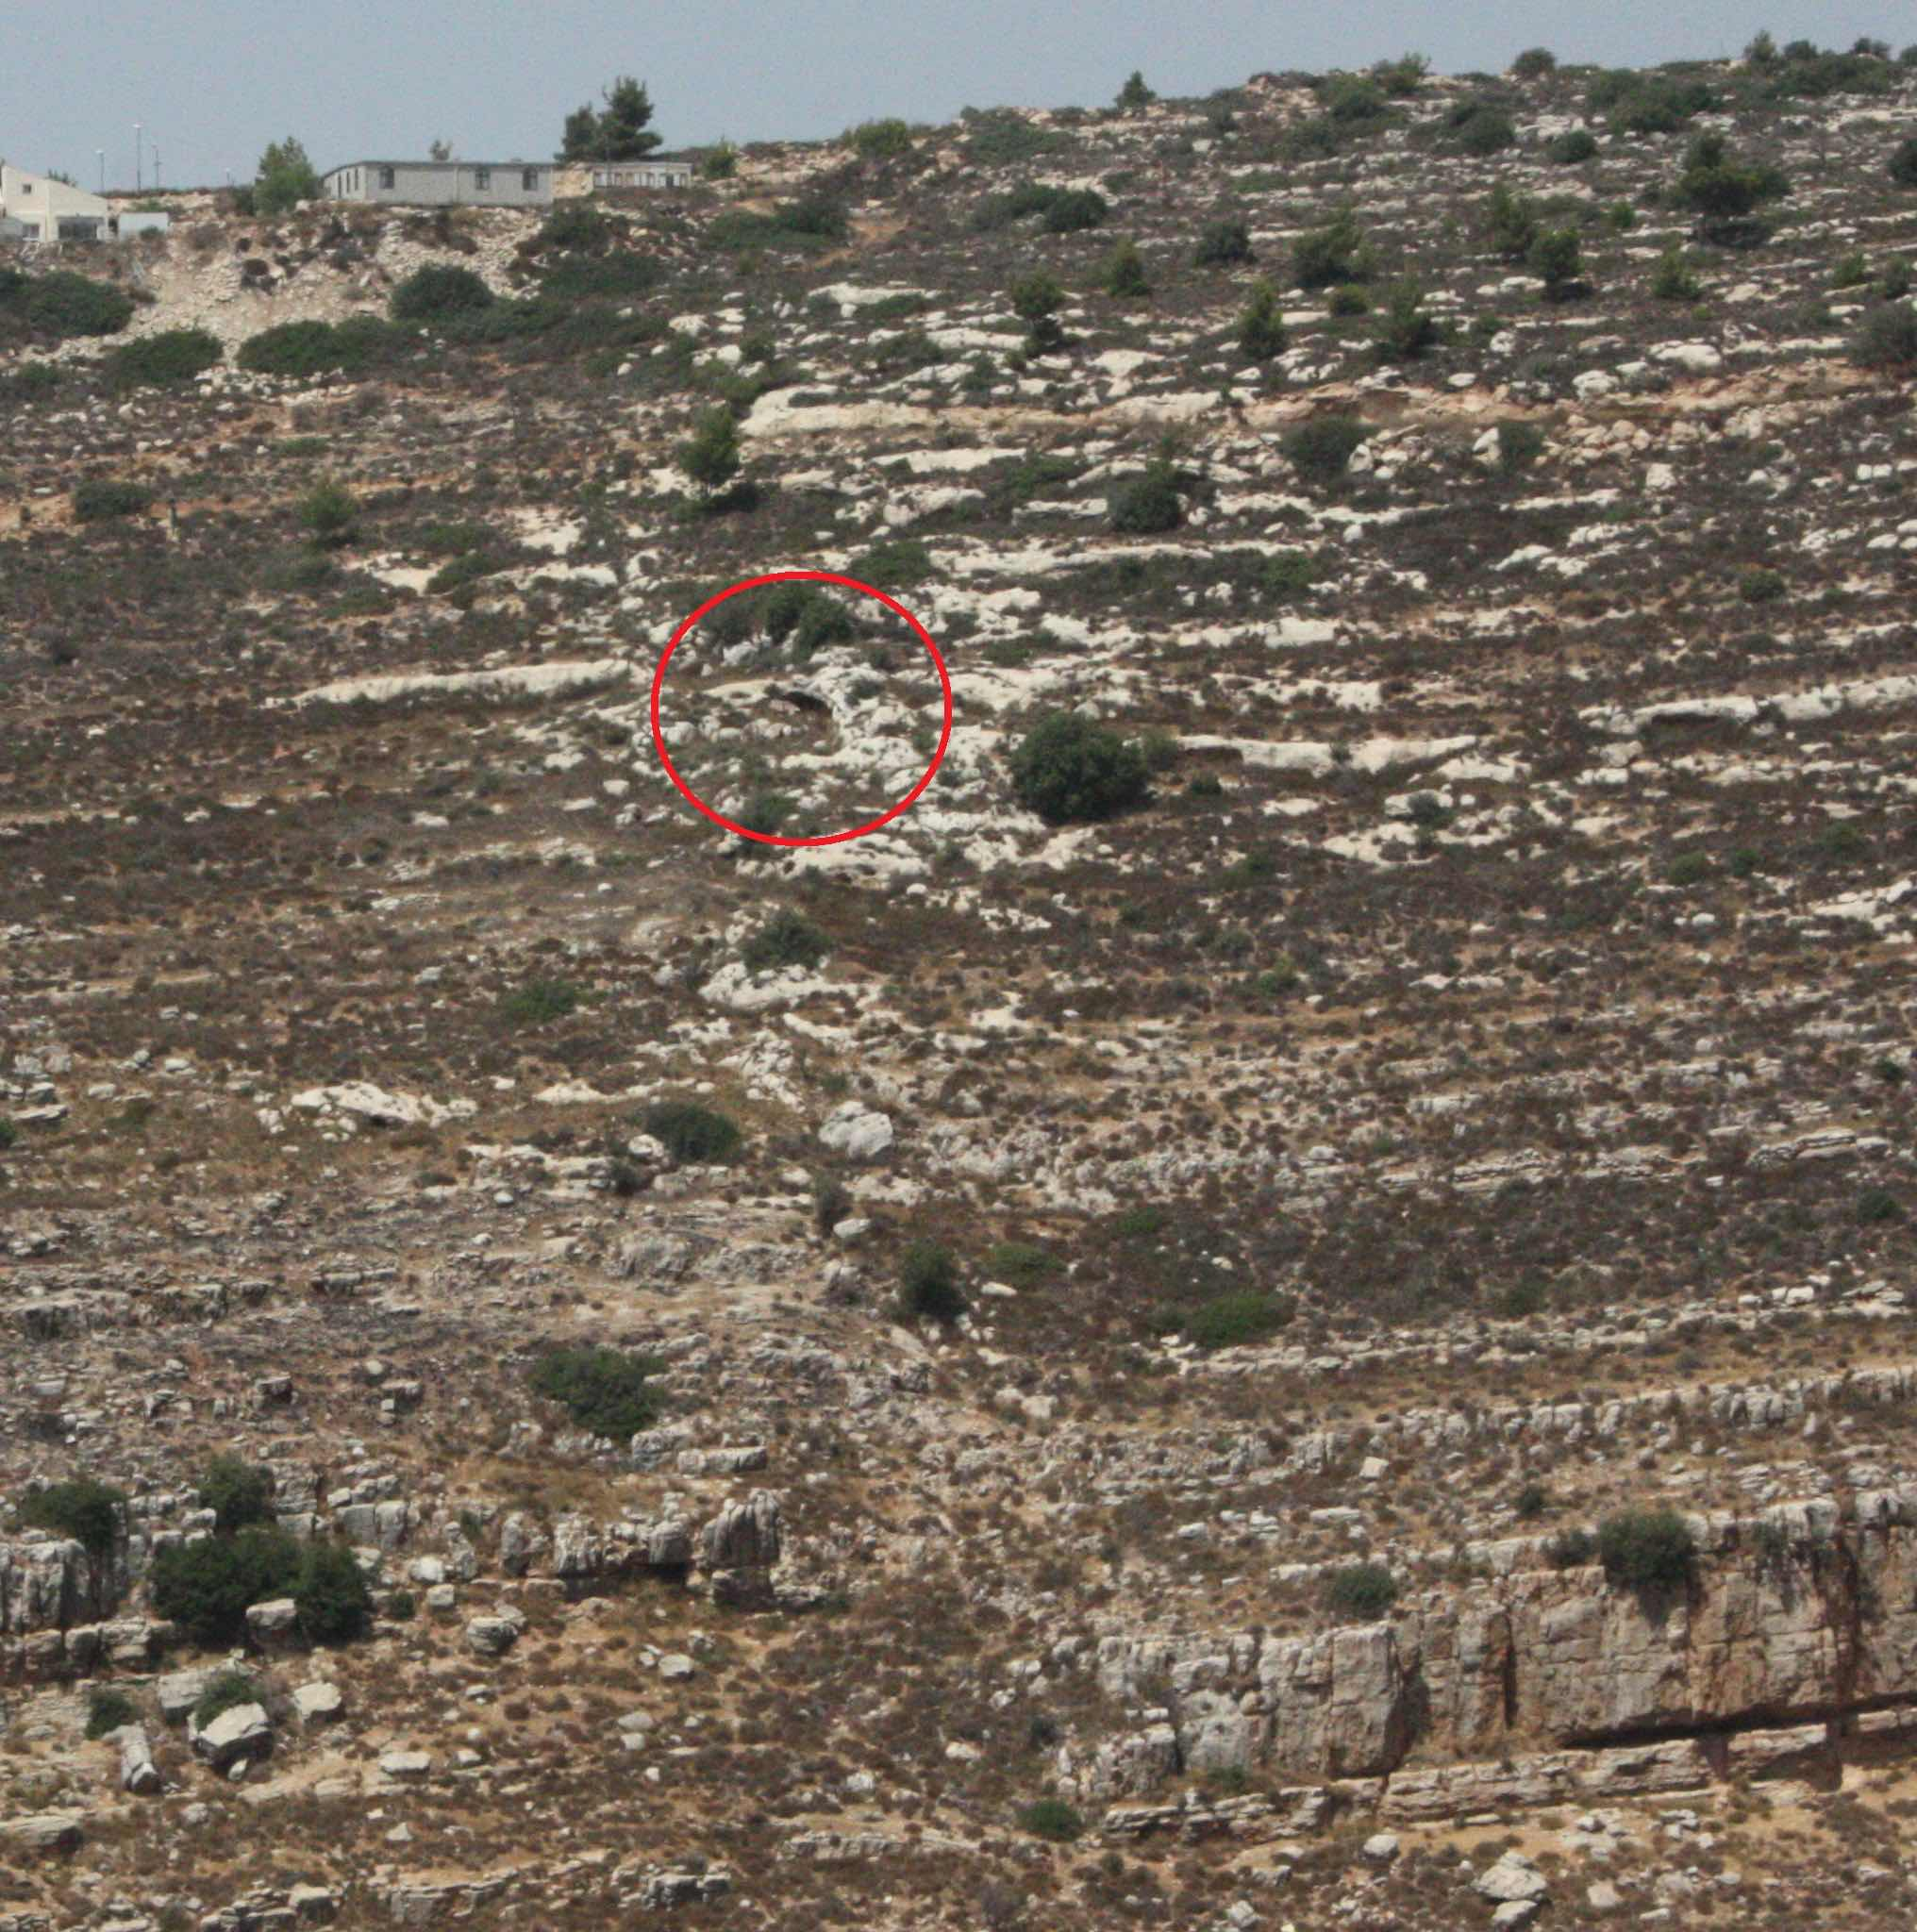 מיקום המערה בתצלום מהגדה ממול